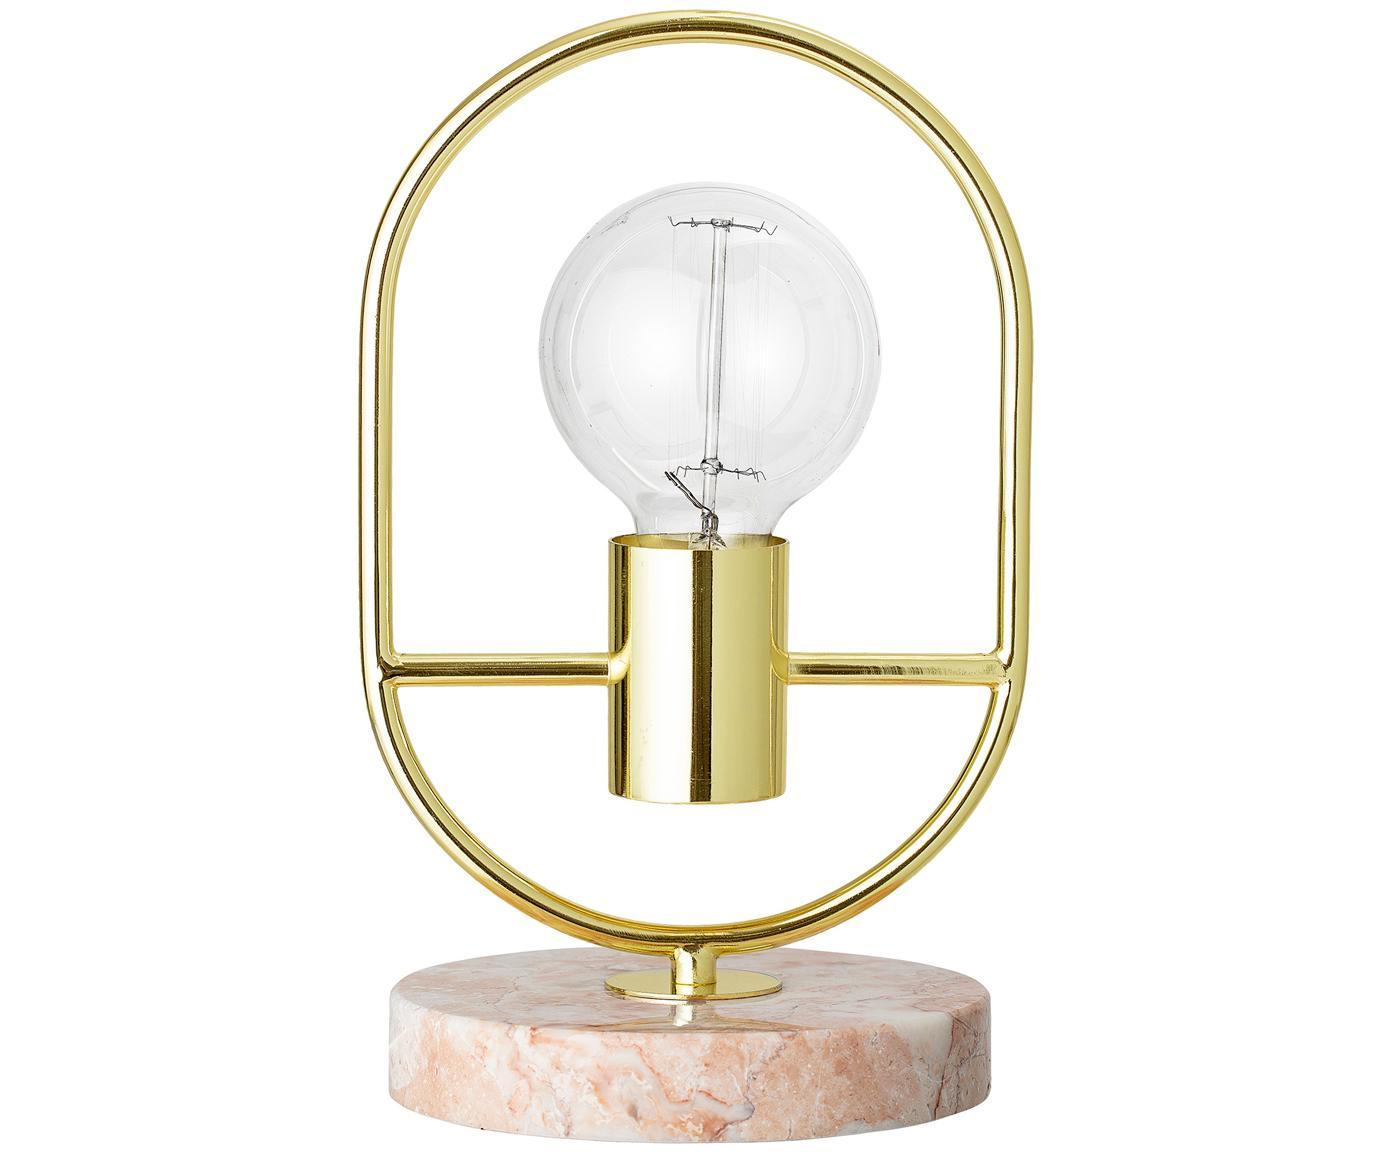 Marmor-Tischleuchte Emilia, Lampenfuß: Marmor, Gestell: Stahl, lackiert, Rosa, Ø 17 x H 30 cm